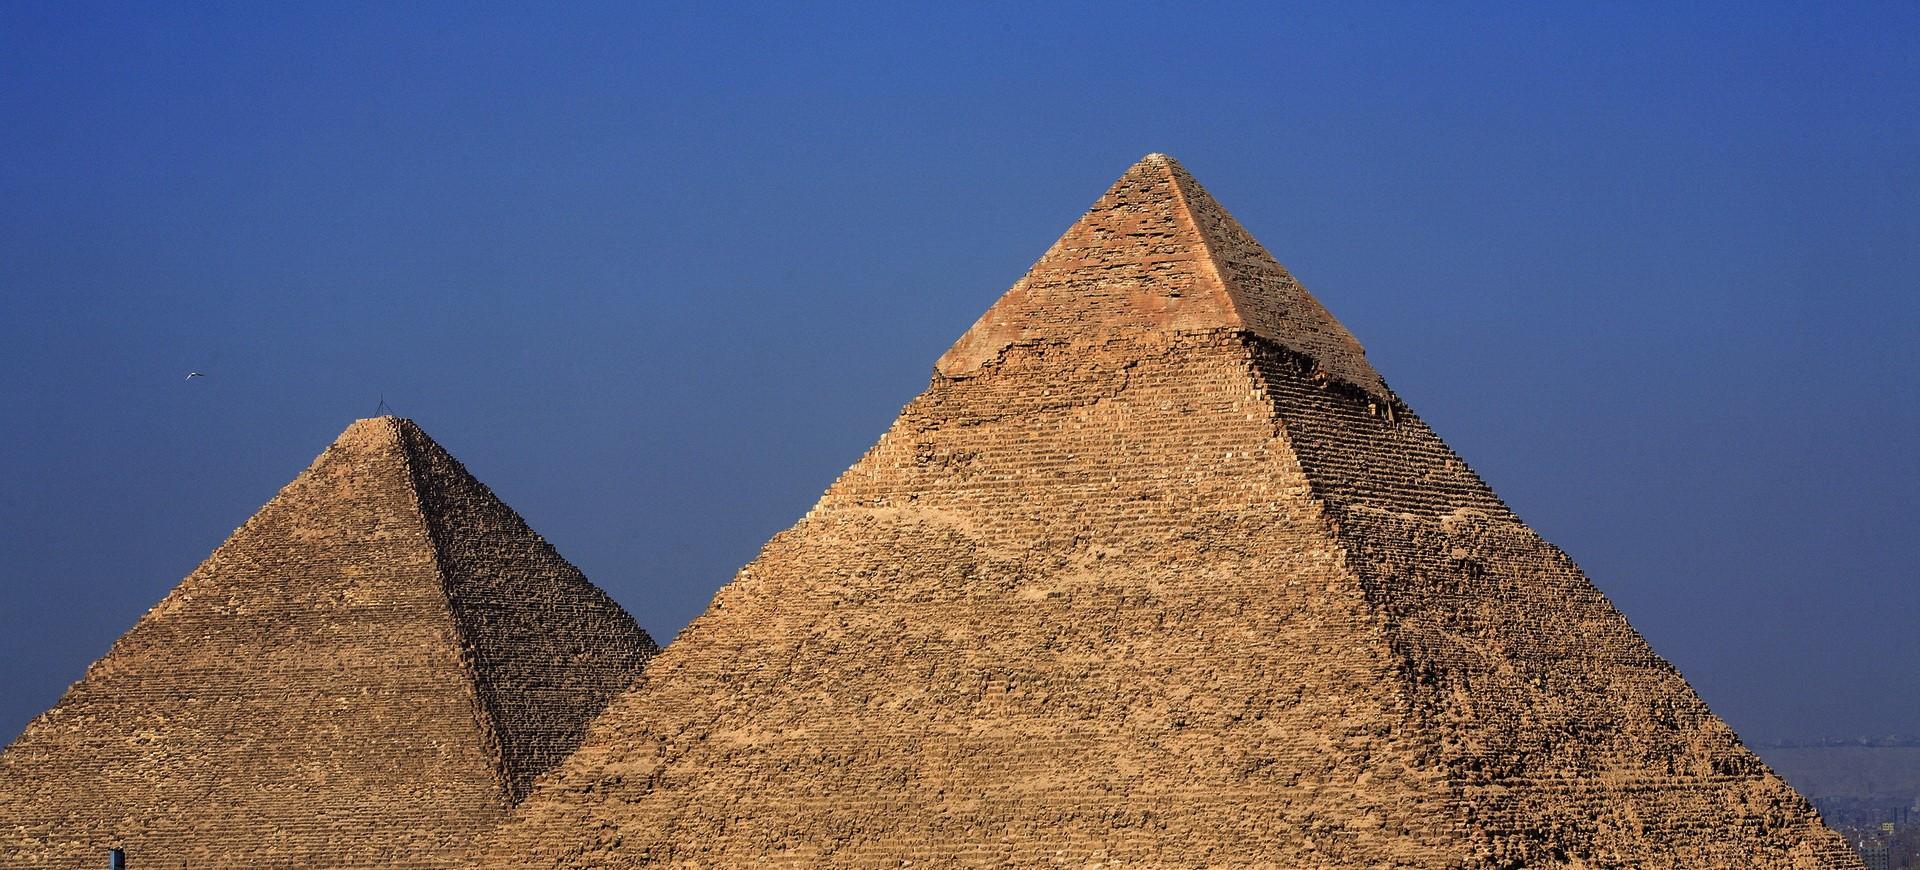 Pyramides à Guizeh au Caire